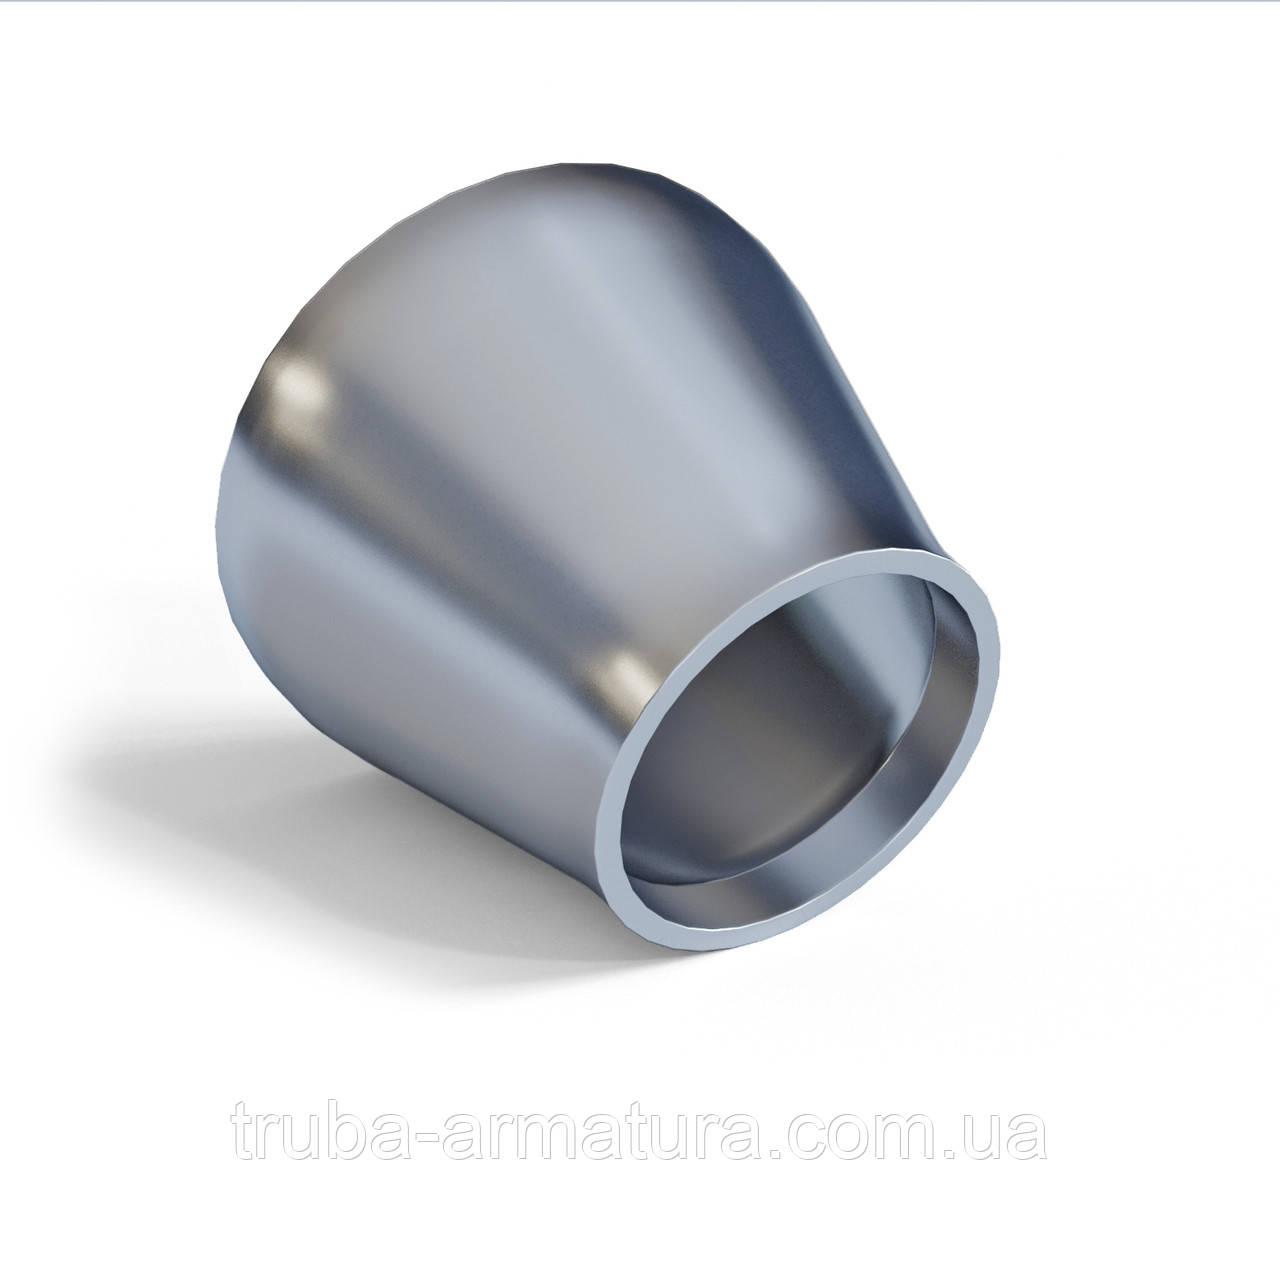 Переход оцинкованный стальной для труб 48x26 (40x20)